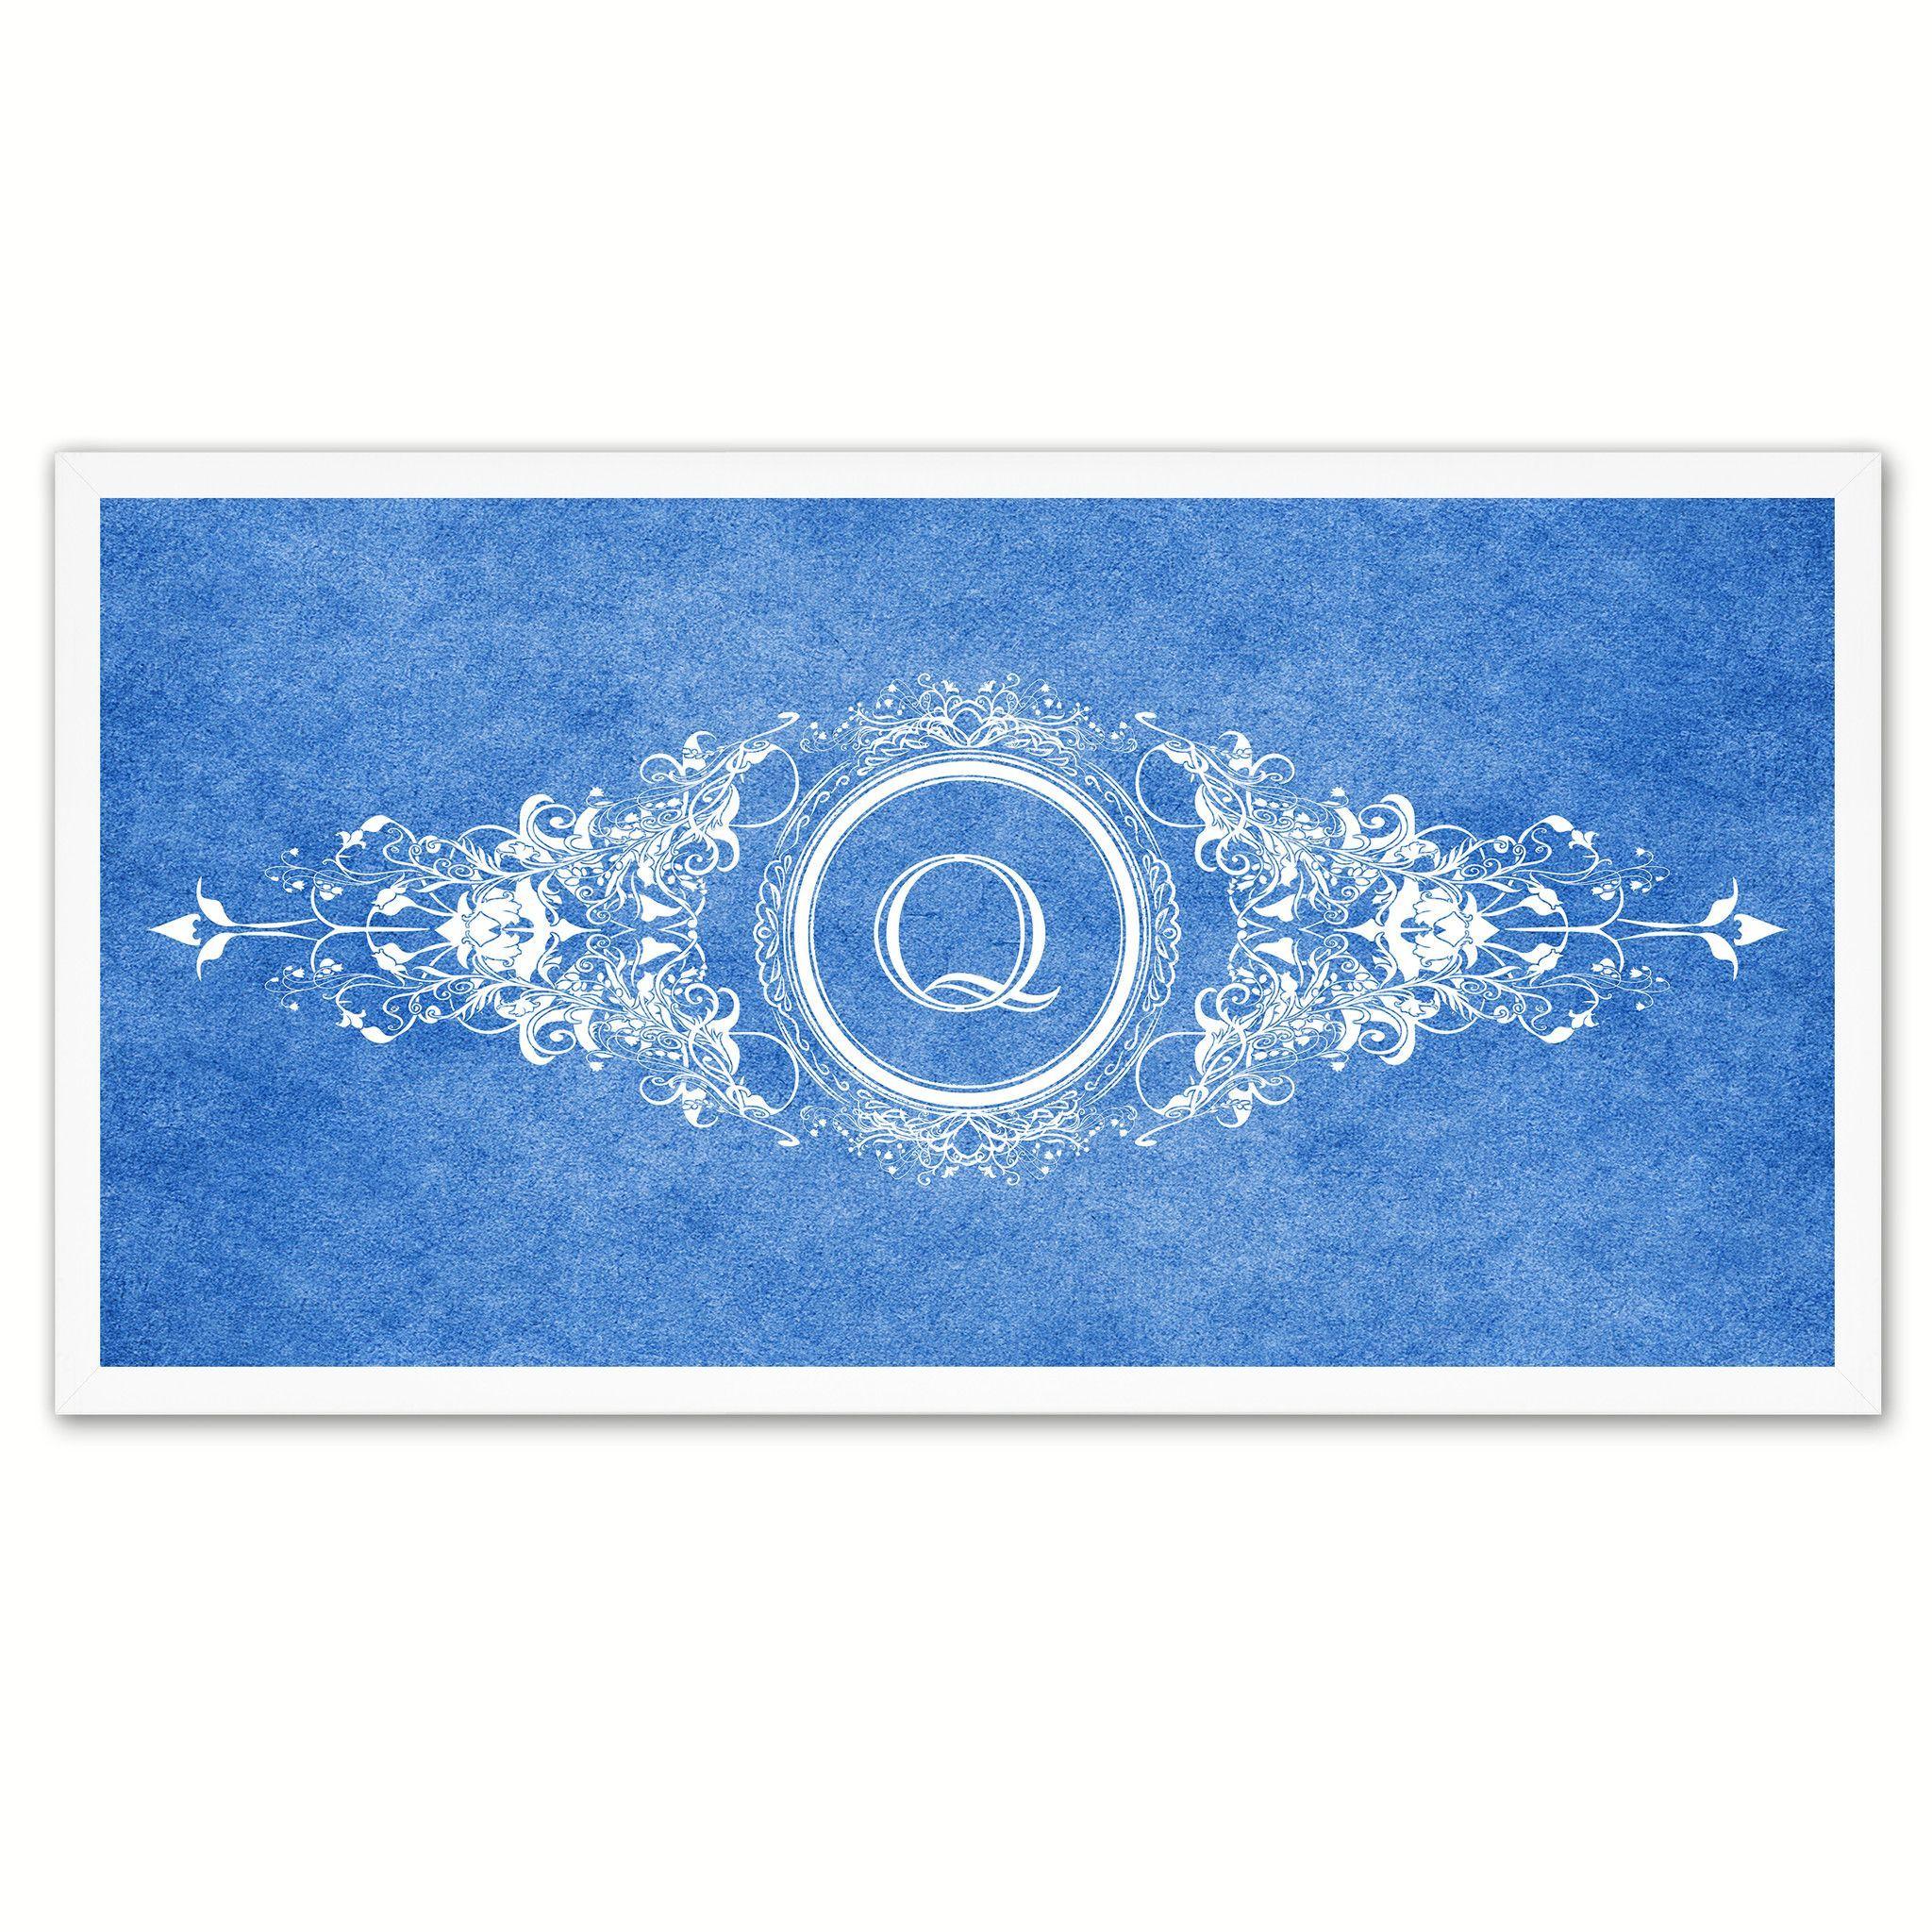 Alphabet Letter Q Blue Canvas Print White Frame Kids Bedroom Wall Dcor  Home Art